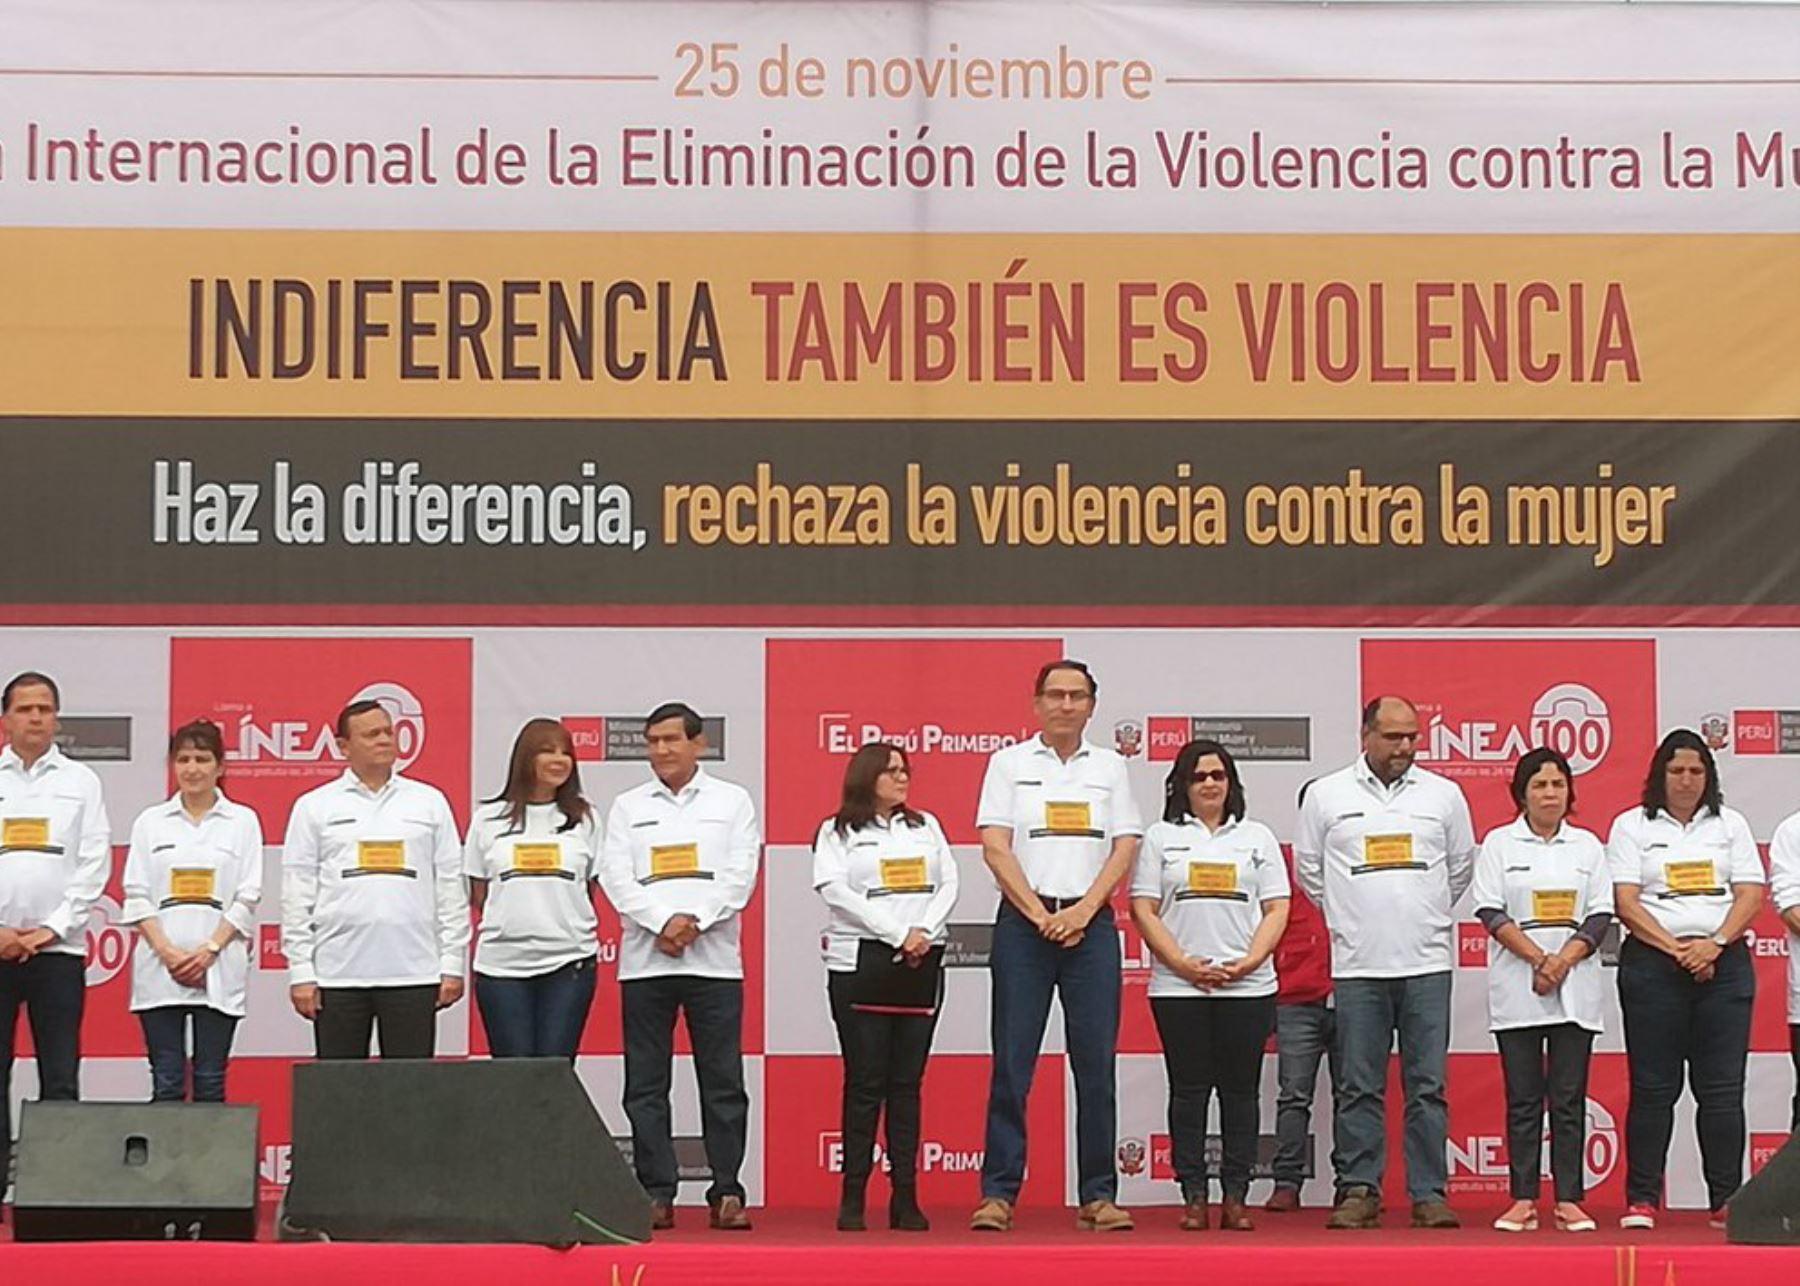 Presidente Martín Vizcarra encabeza ceremonia por el Día Internacional de Eliminación de la Violencia contra la Mujer